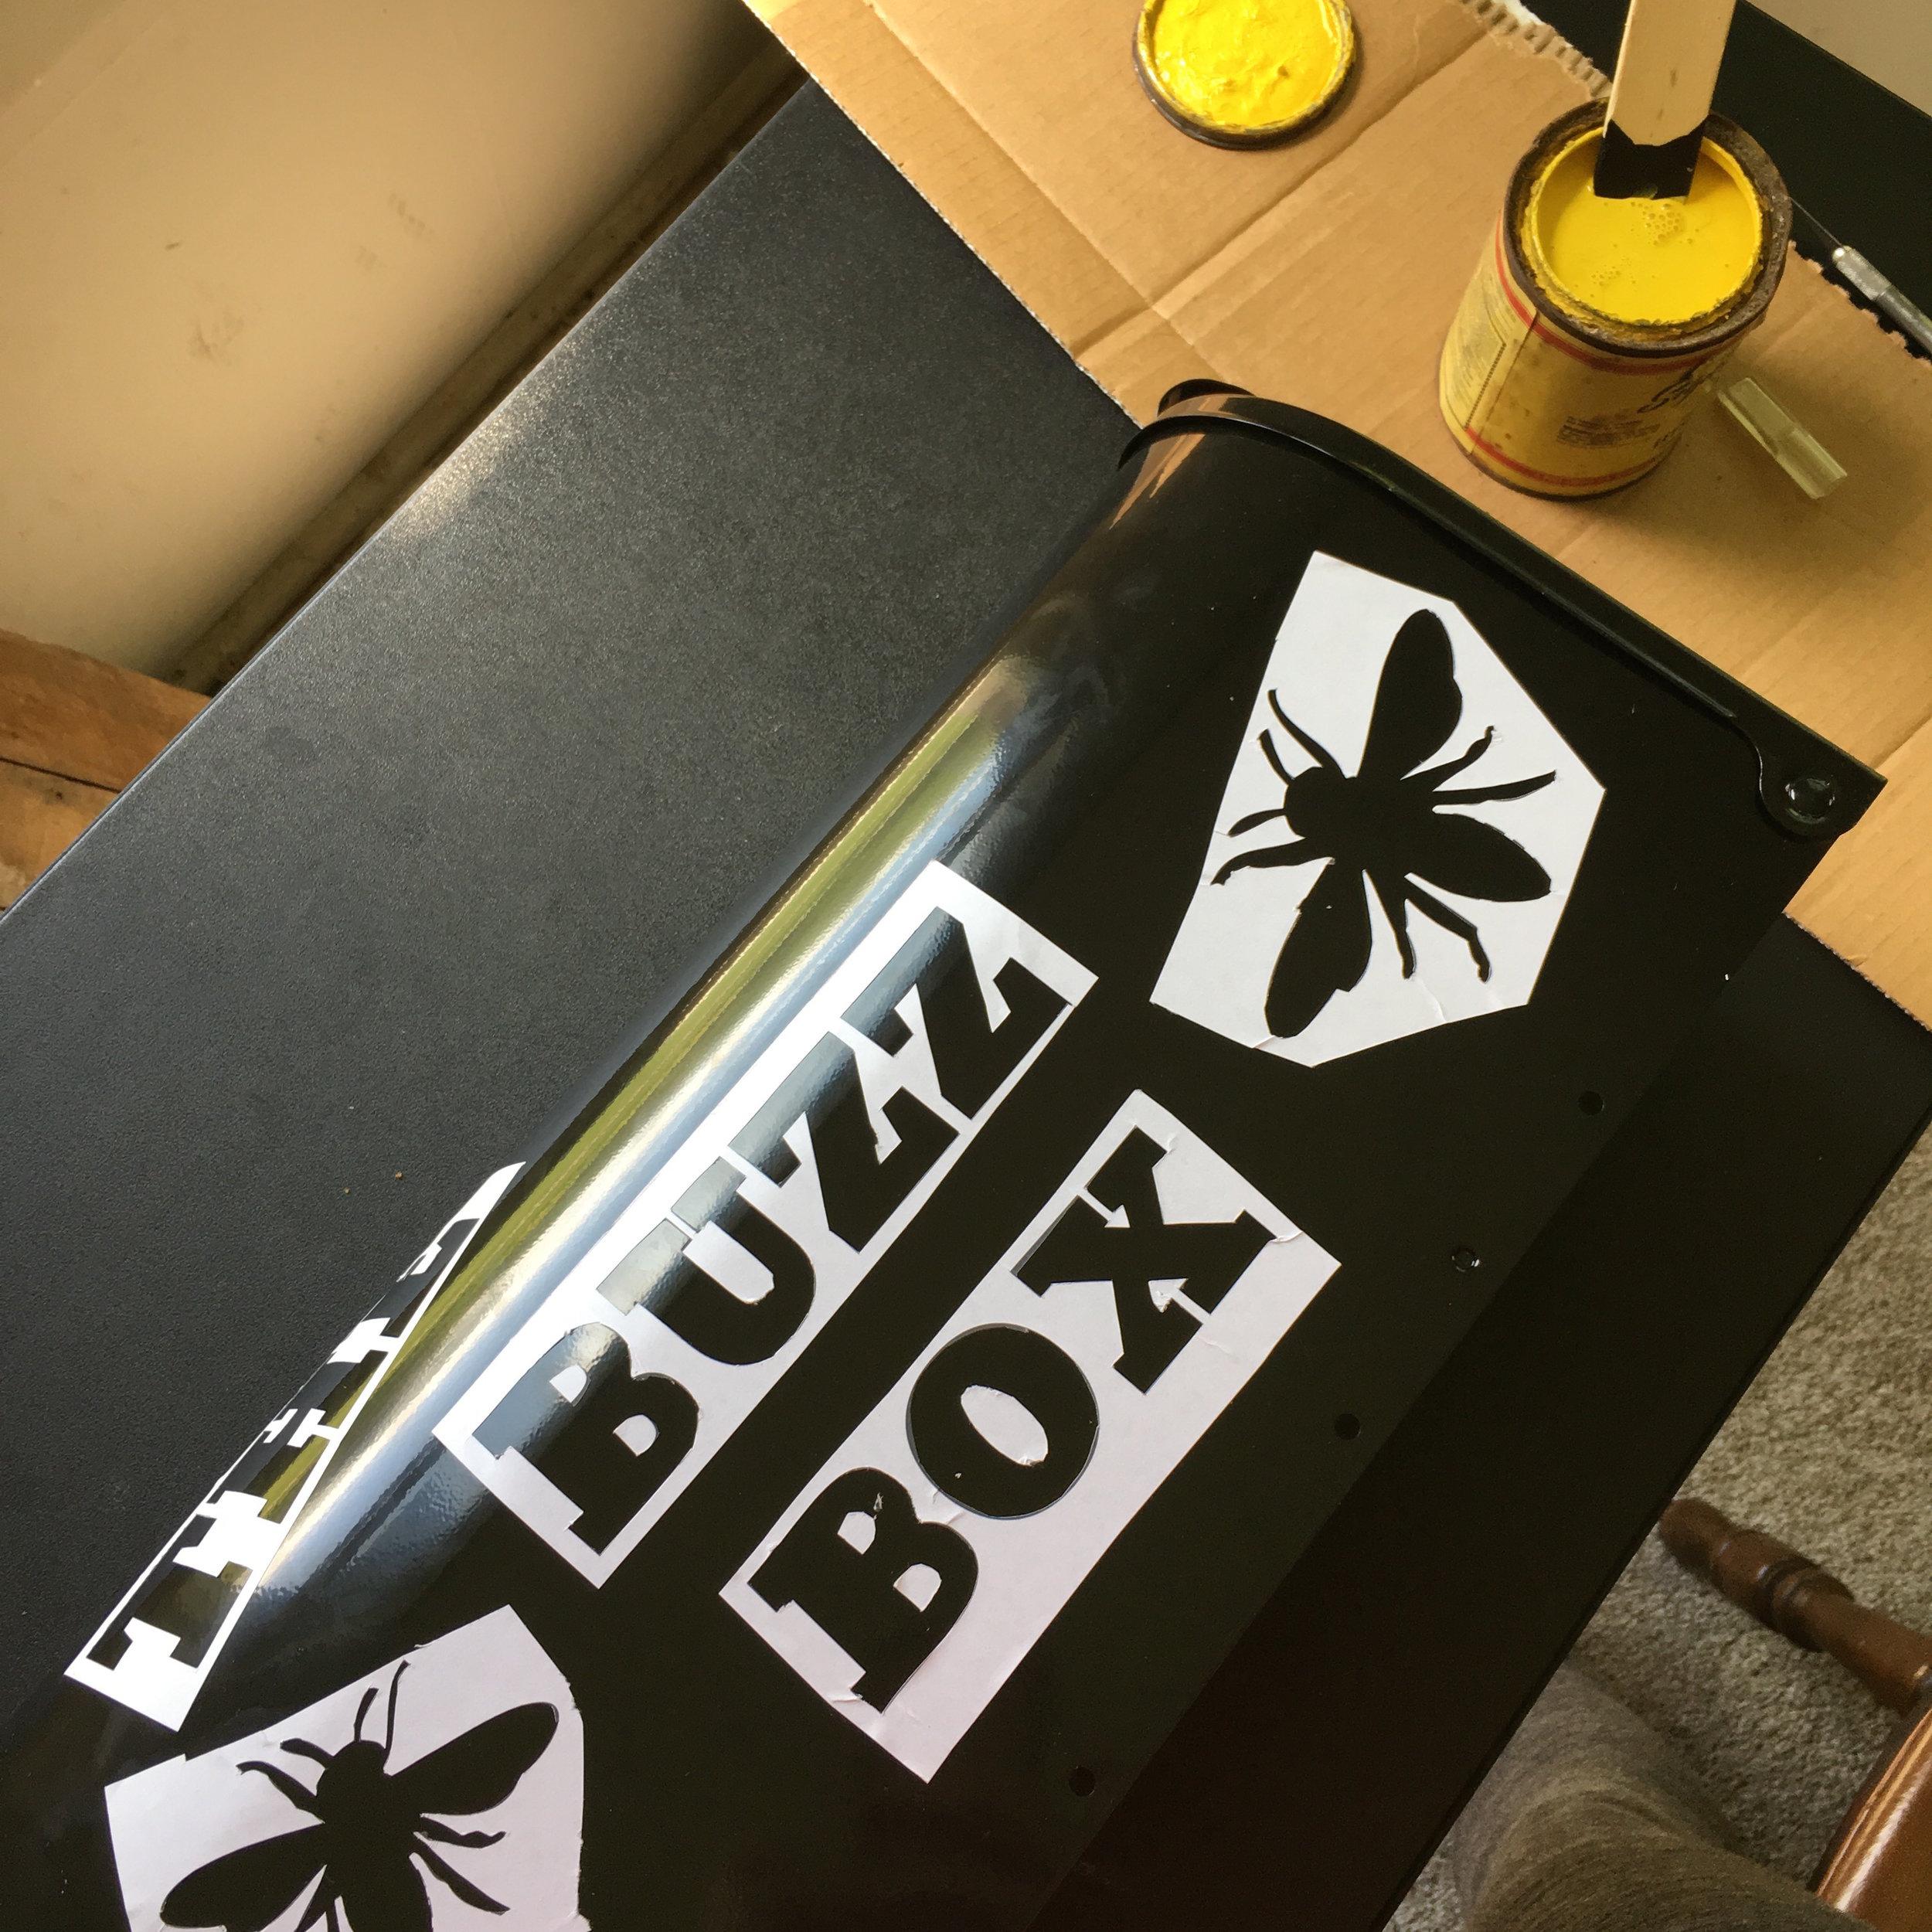 The Buzz Box at Schaefer's Auto Art in Erie, Pennsylvania